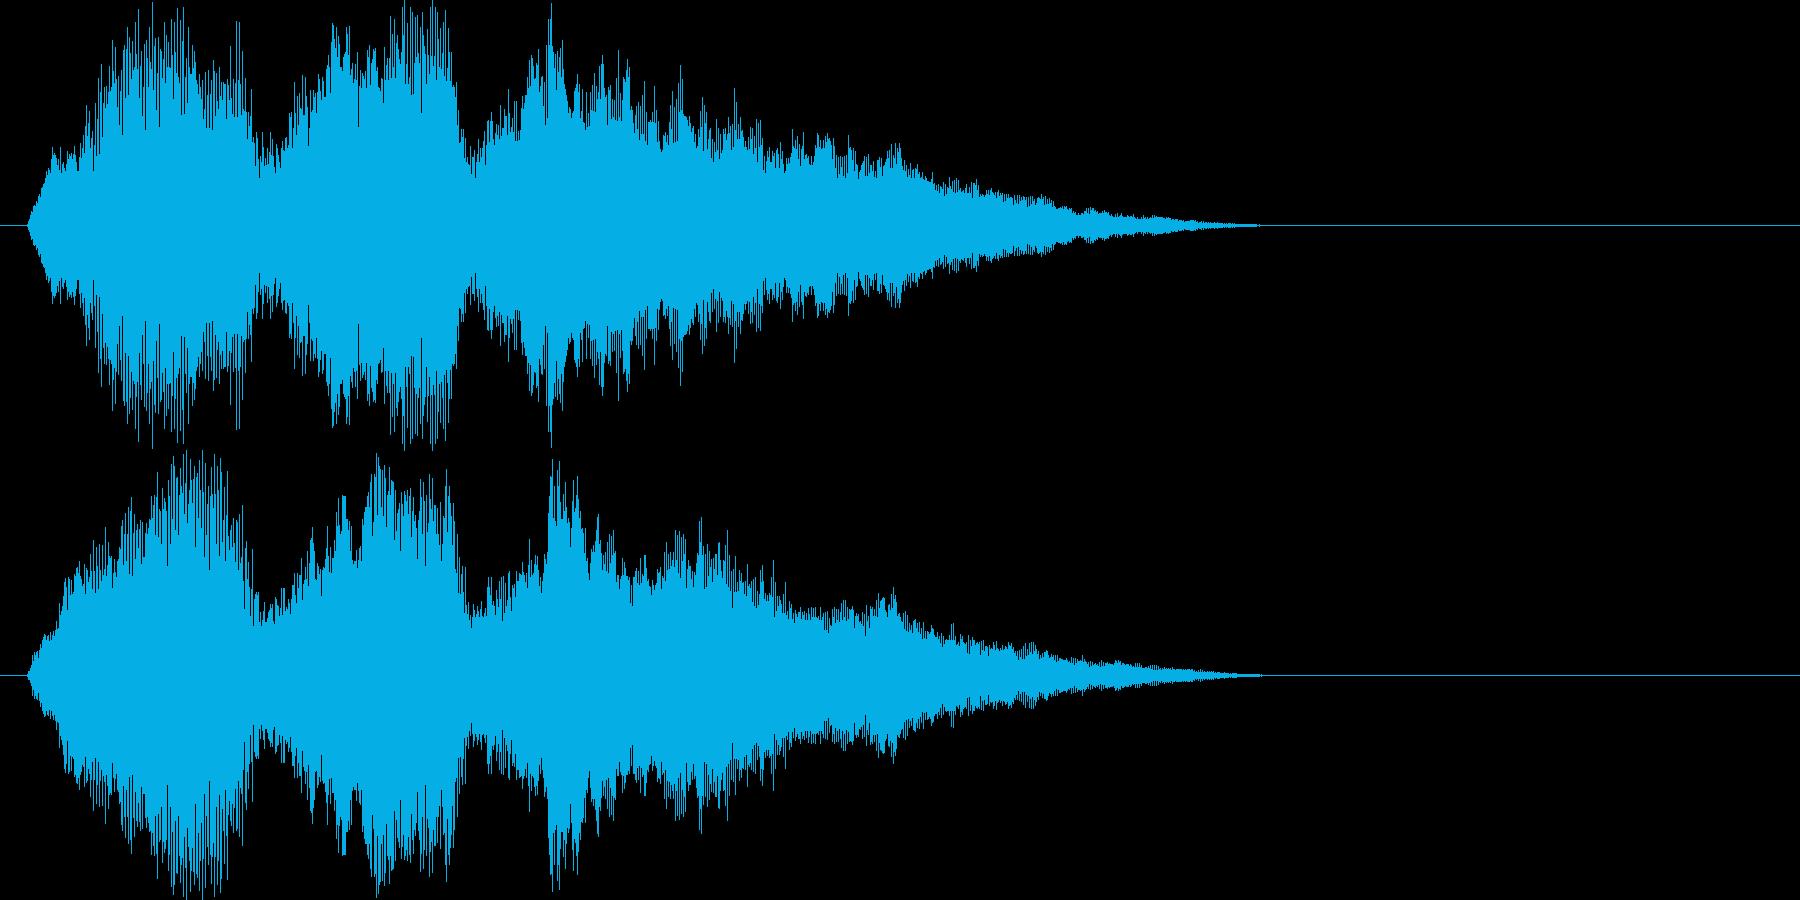 ストリングスによる優しい旋律の再生済みの波形